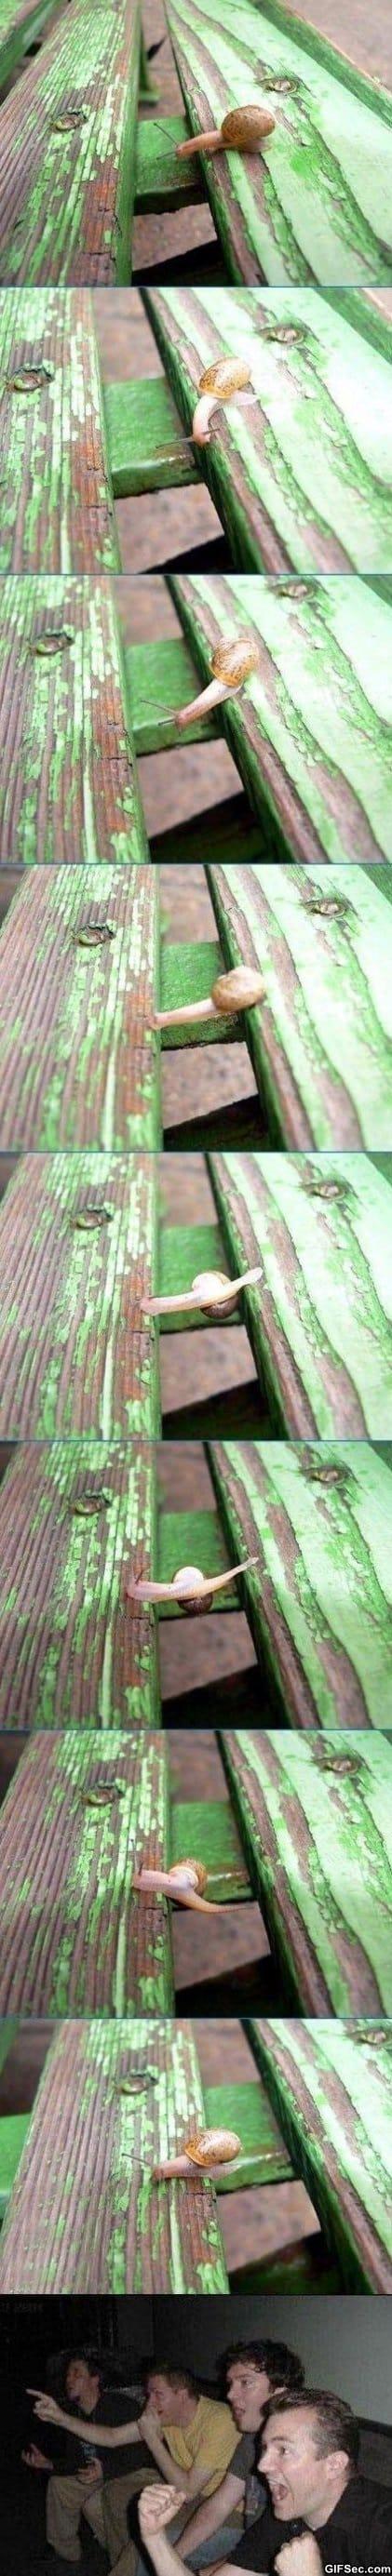 Snail parkour